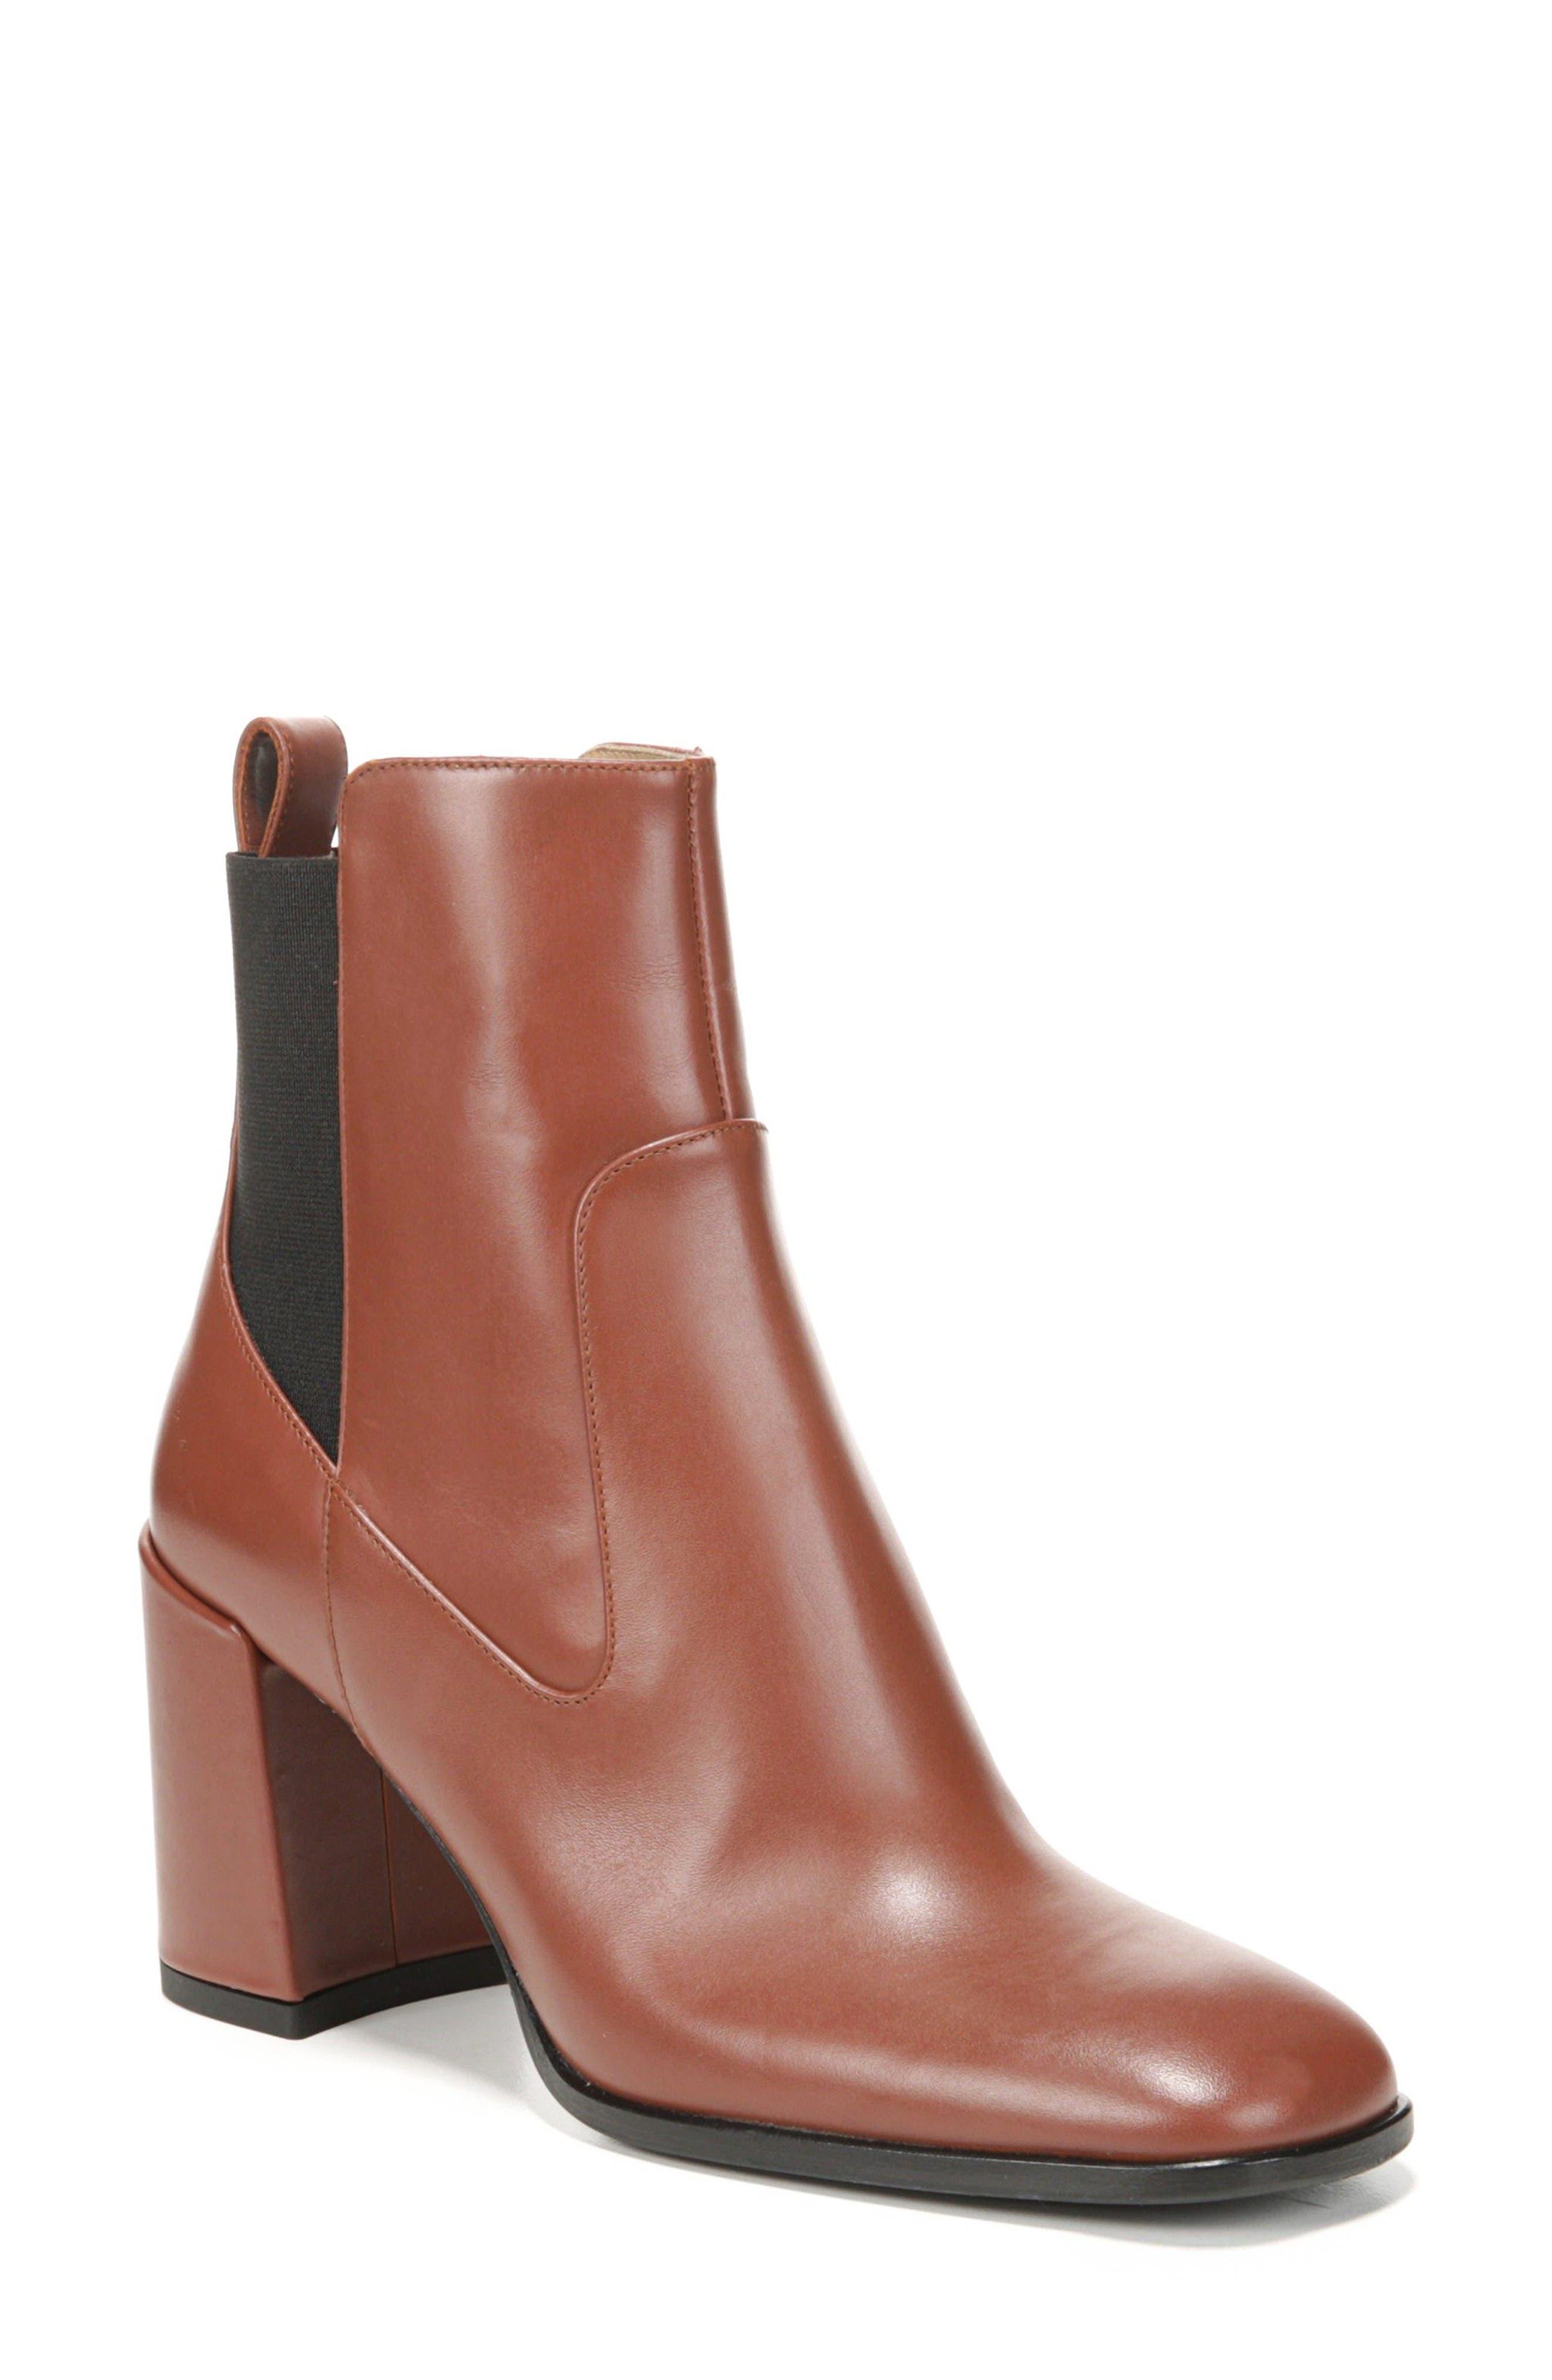 Alternate Image 1 Selected - Via Spiga Delaney Block Heel Bootie (Women)